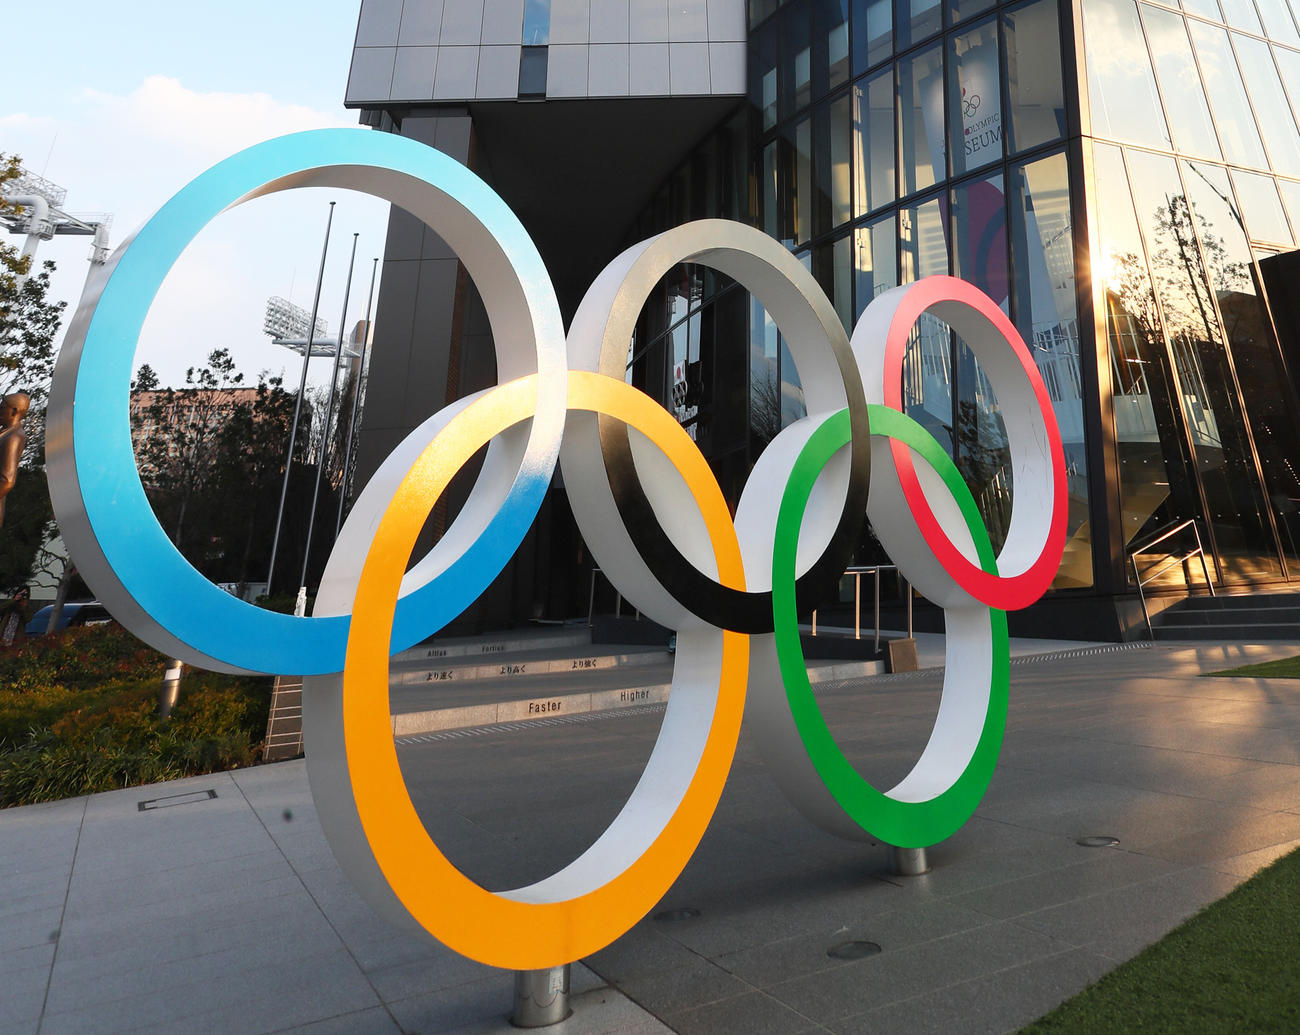 ジャパン・スポーツ・オリンピック・スクエア前の五輪シンボルマーク